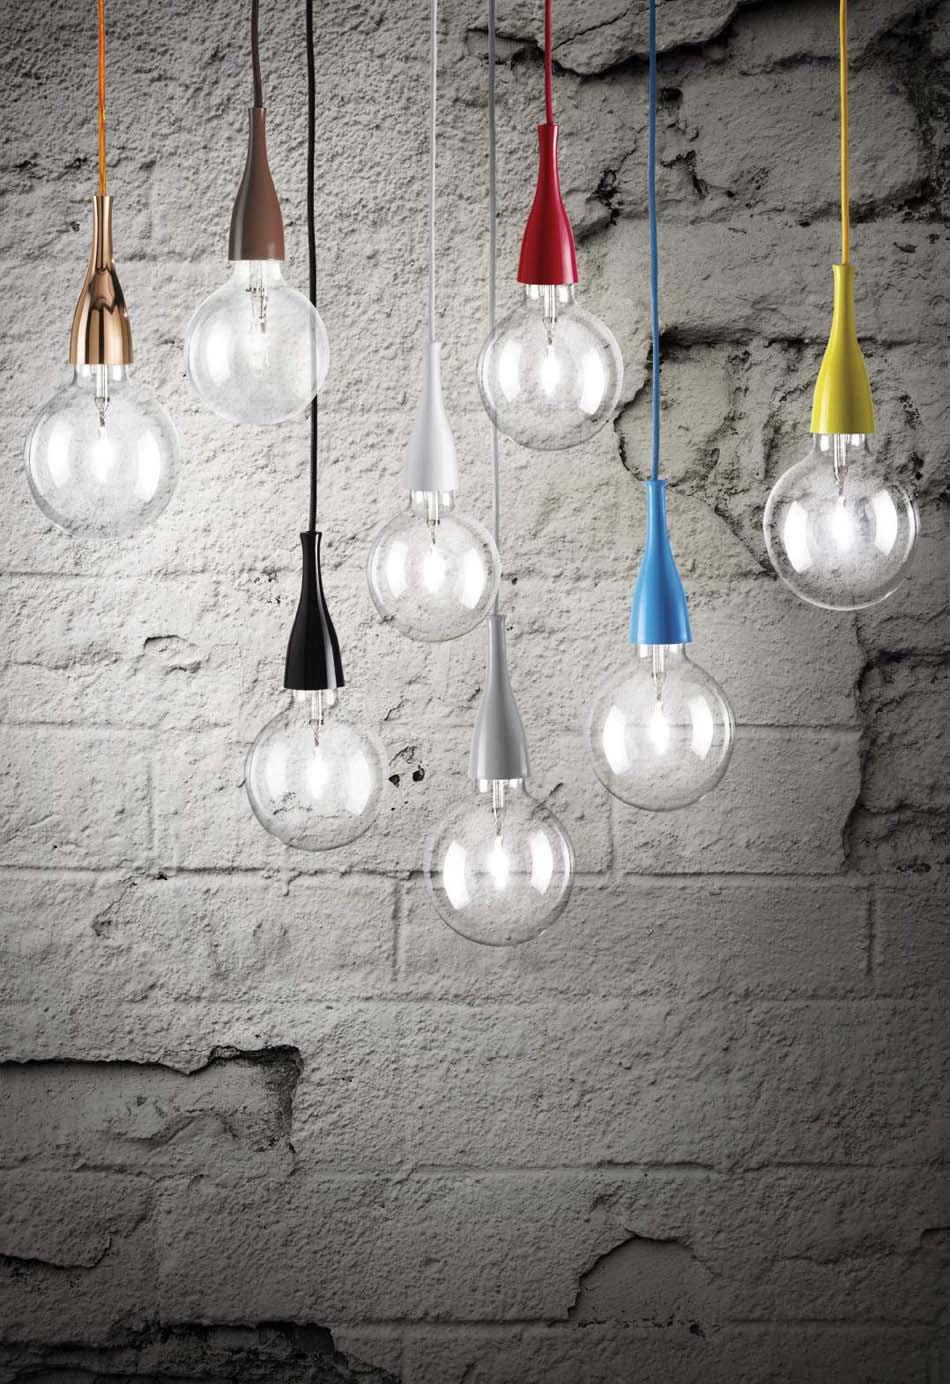 Lampade sospese Ideal Lux Minimal – Toscana Arredamenti